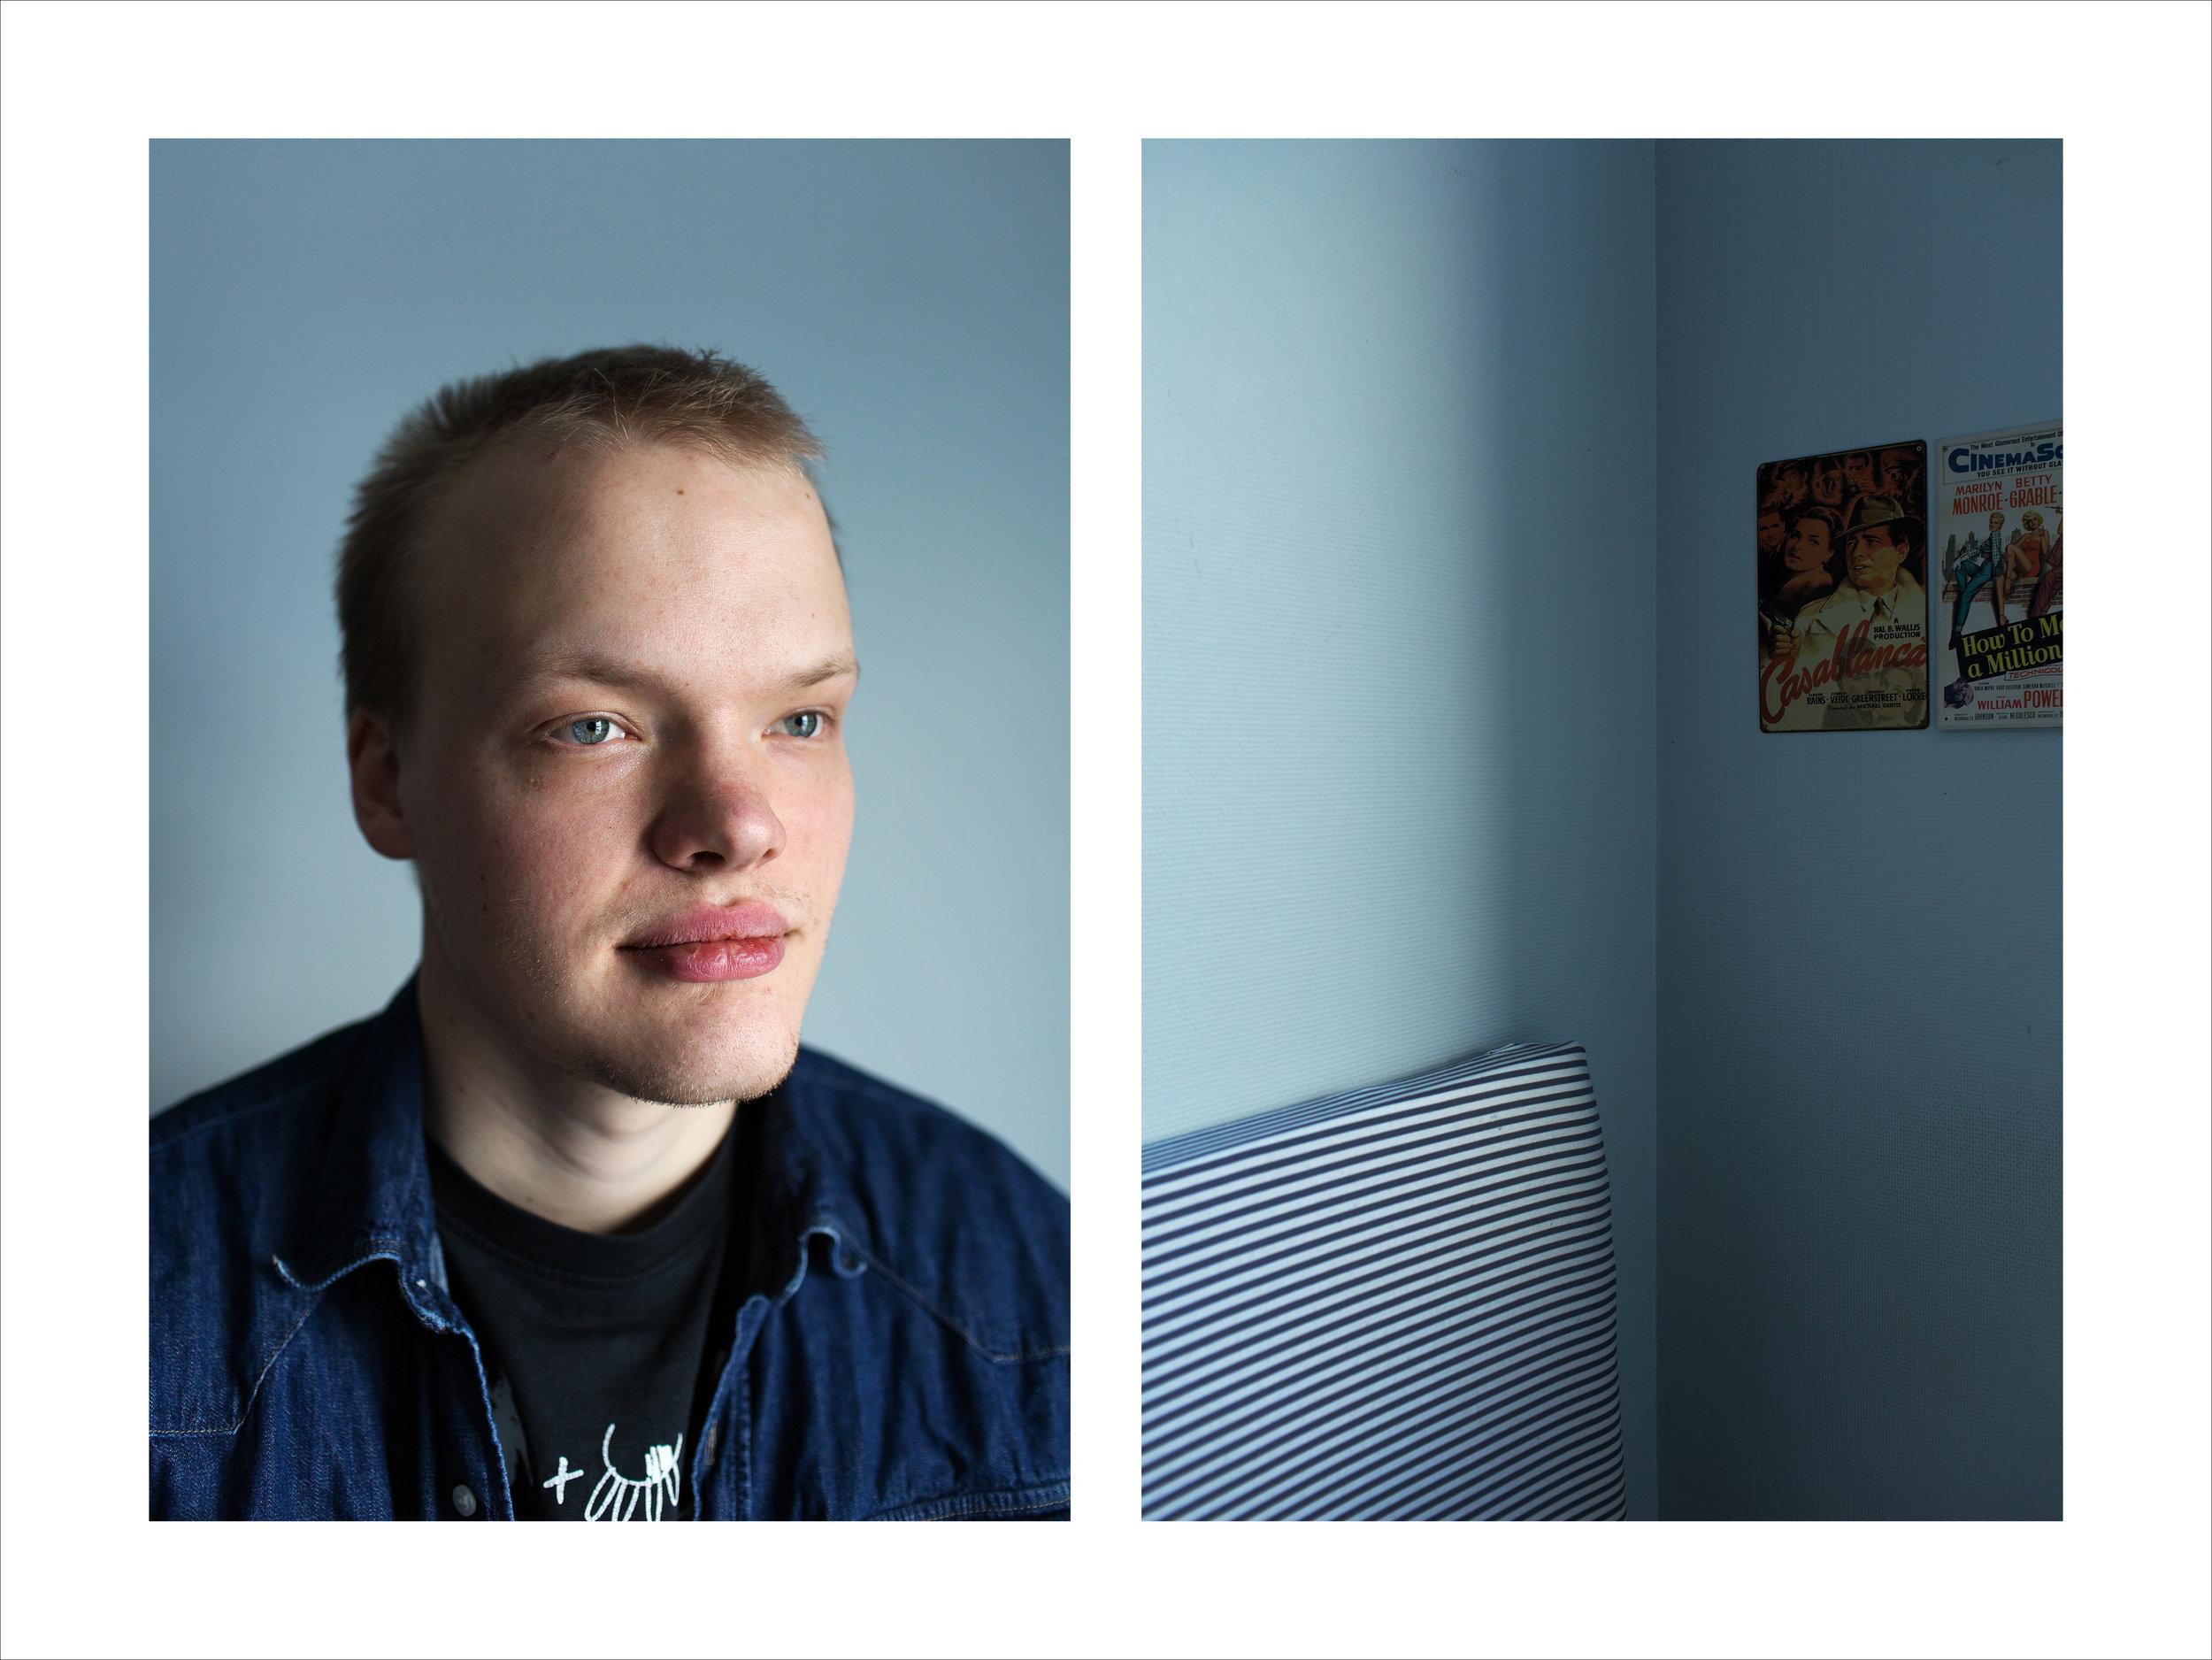 The_Neighbours_Janne_Riikonen_01_Pal.jpg